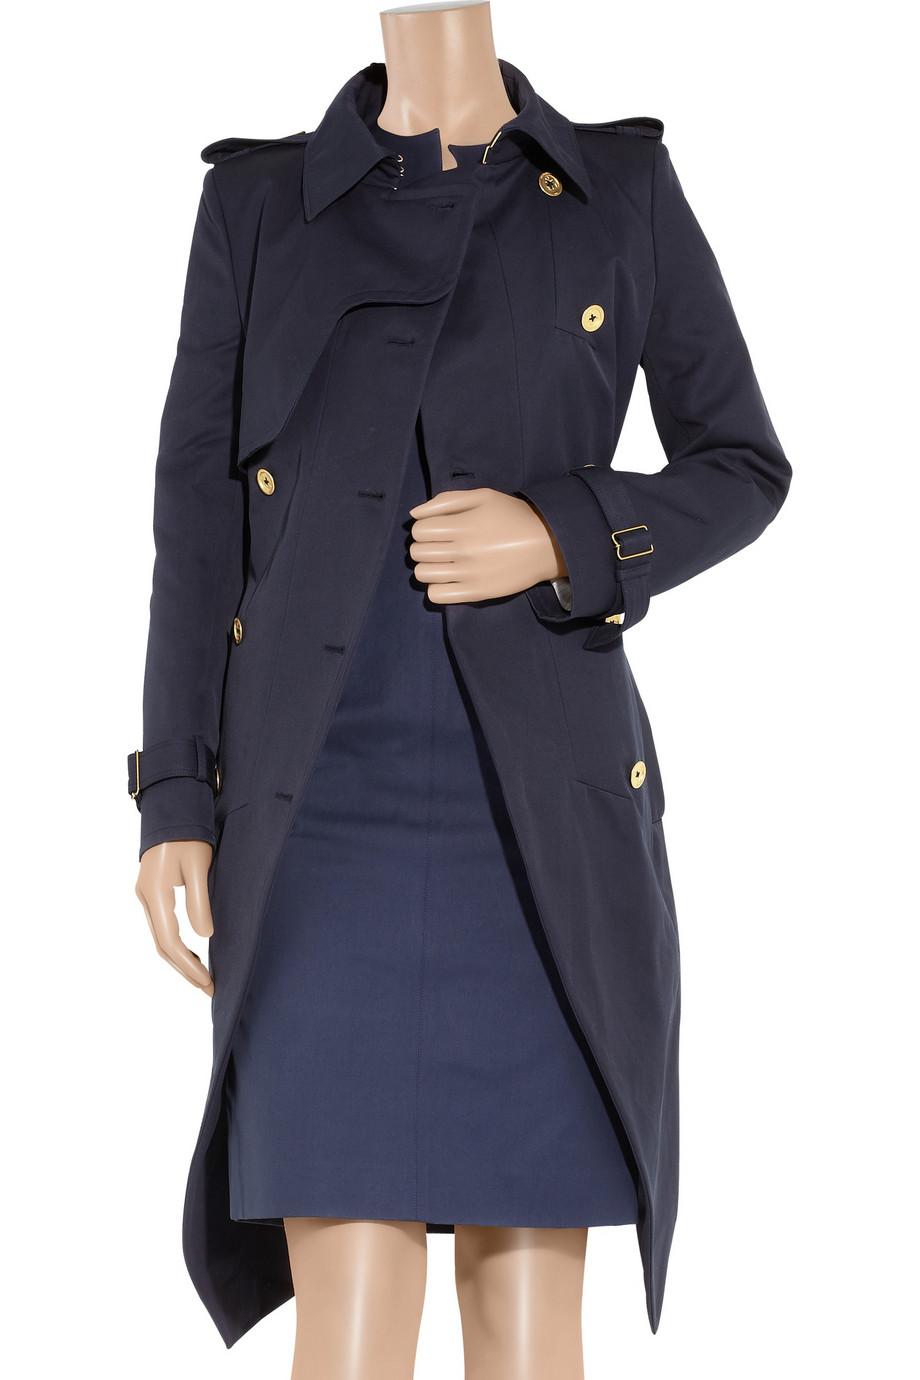 20d0705623 Saint Laurent Black Cotton-gabardine Trench Coat